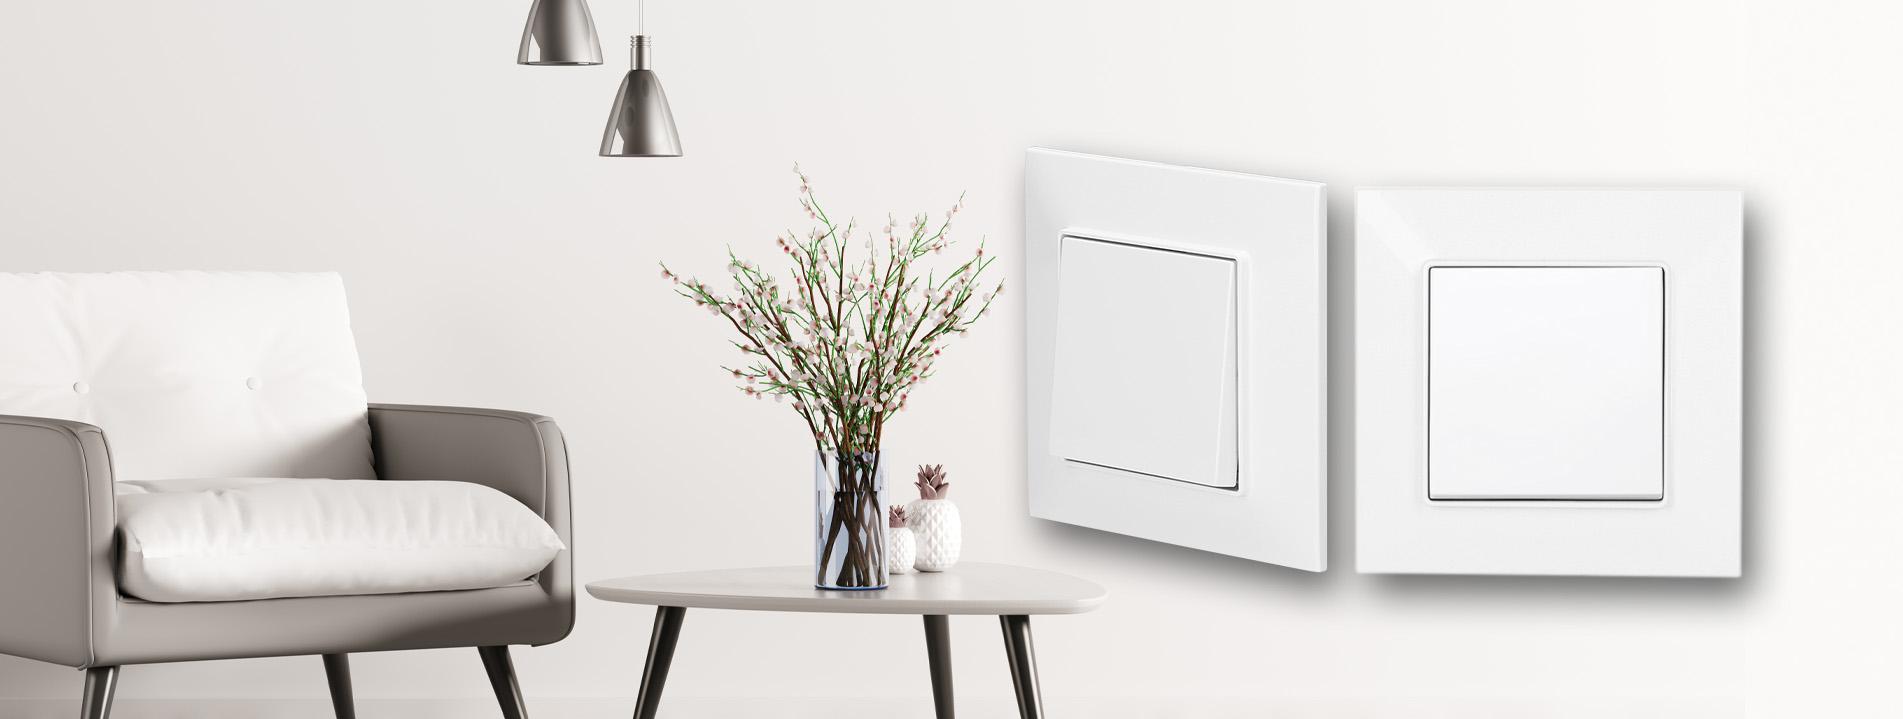 meridIAN Schlichtheit und Zeitlosigkeit mit Komfort. Für alle, die in ihren Wohnräumen Wert auf kompromisslos schlichtes Design legen.